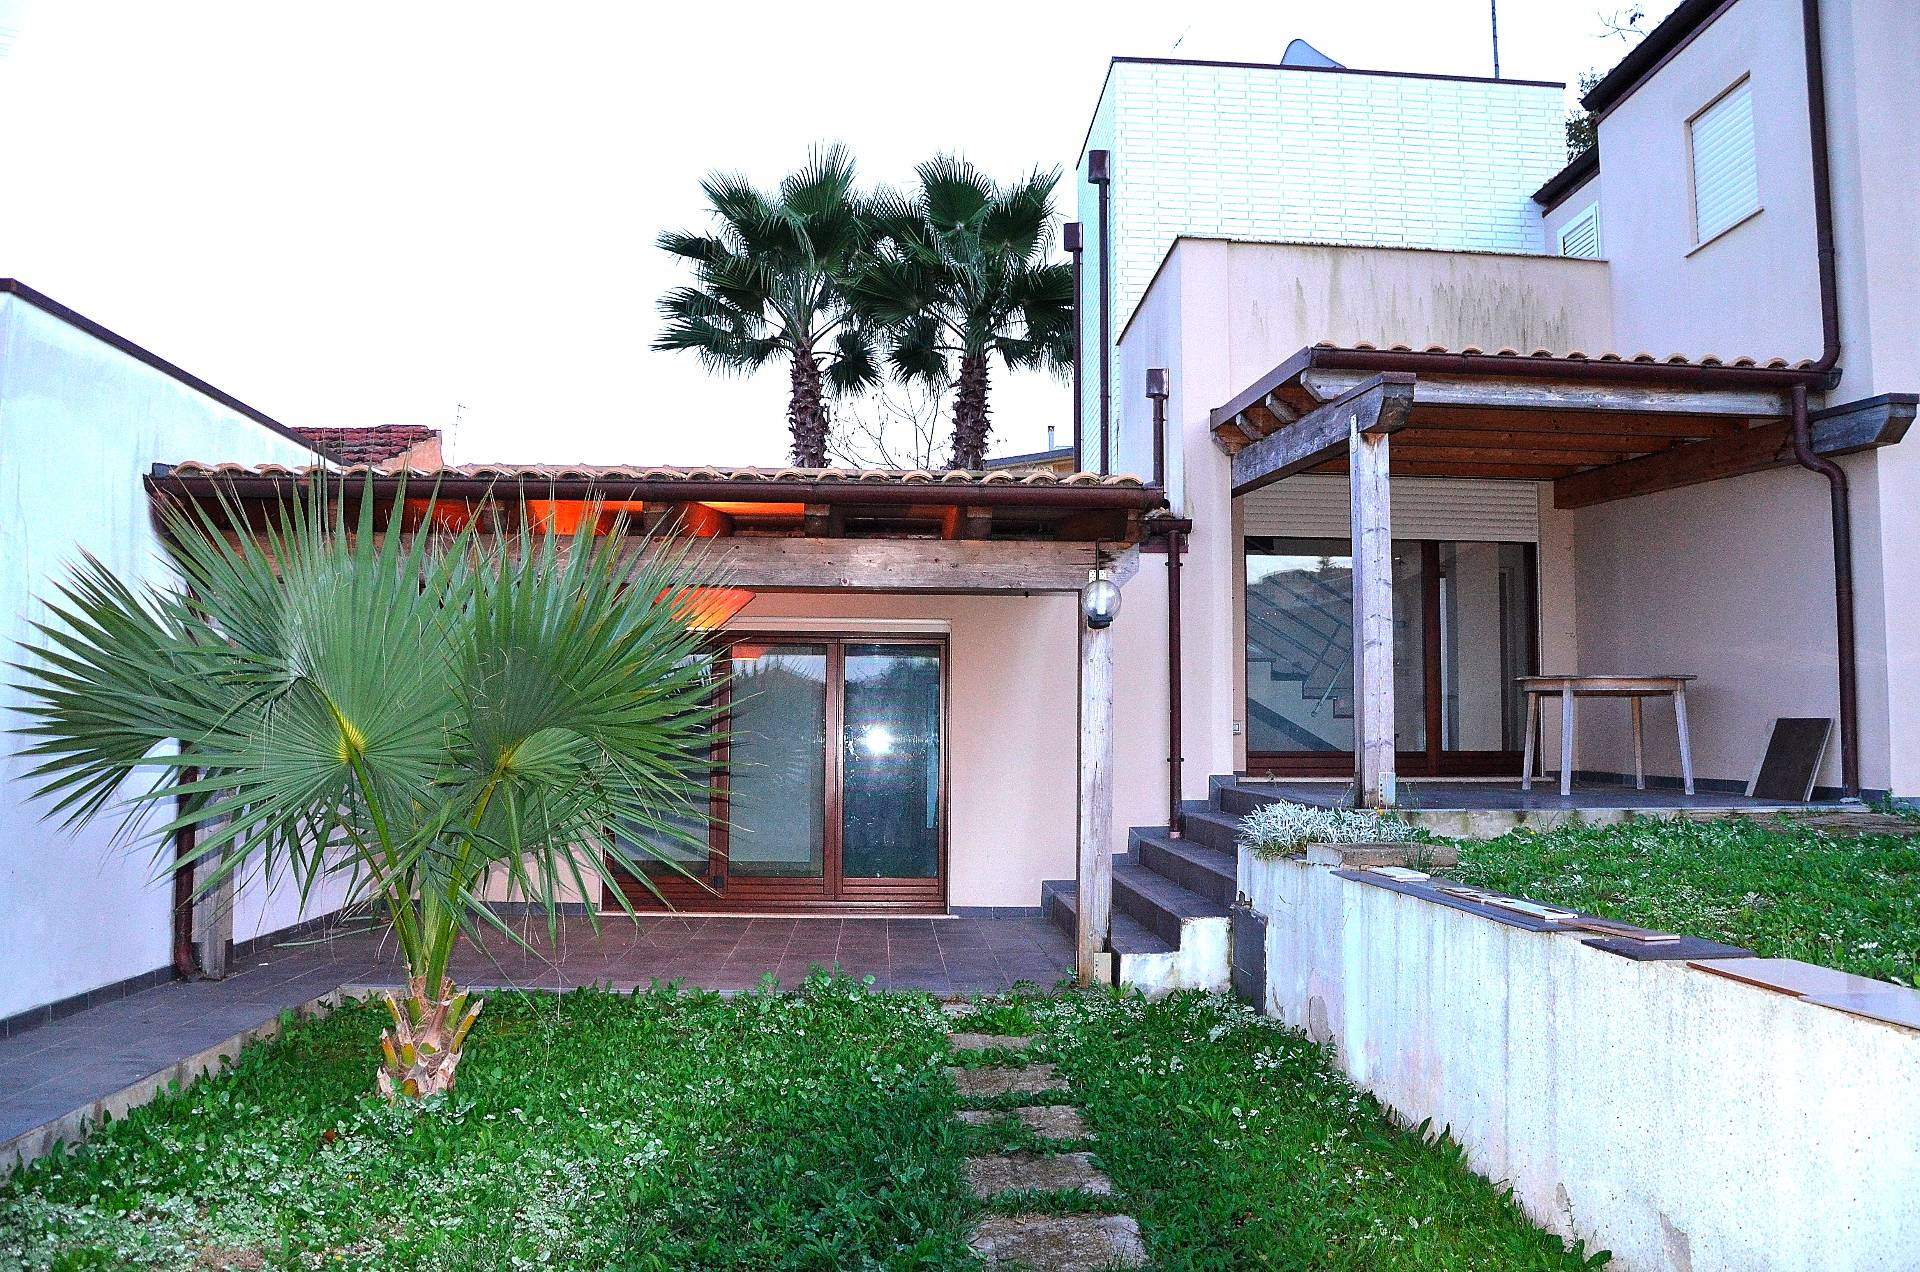 Villa in vendita a Pescara, 4 locali, zona Località: ZonaNord, prezzo € 376.000 | CambioCasa.it